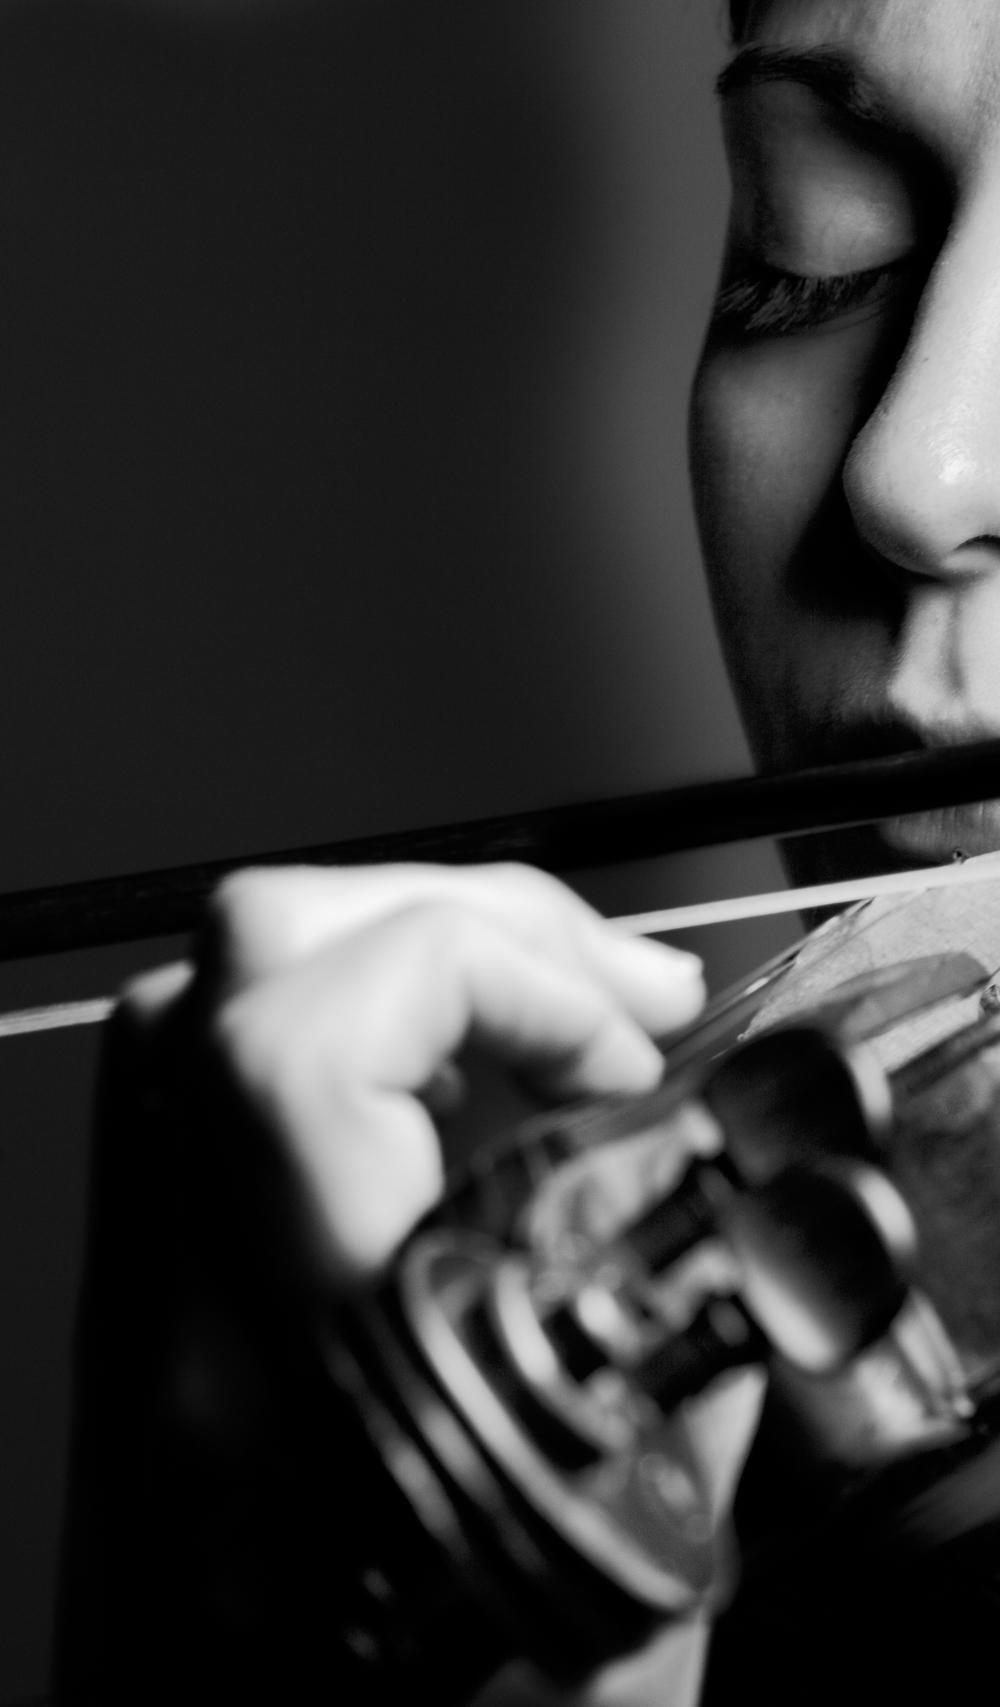 〖 first violin 〗